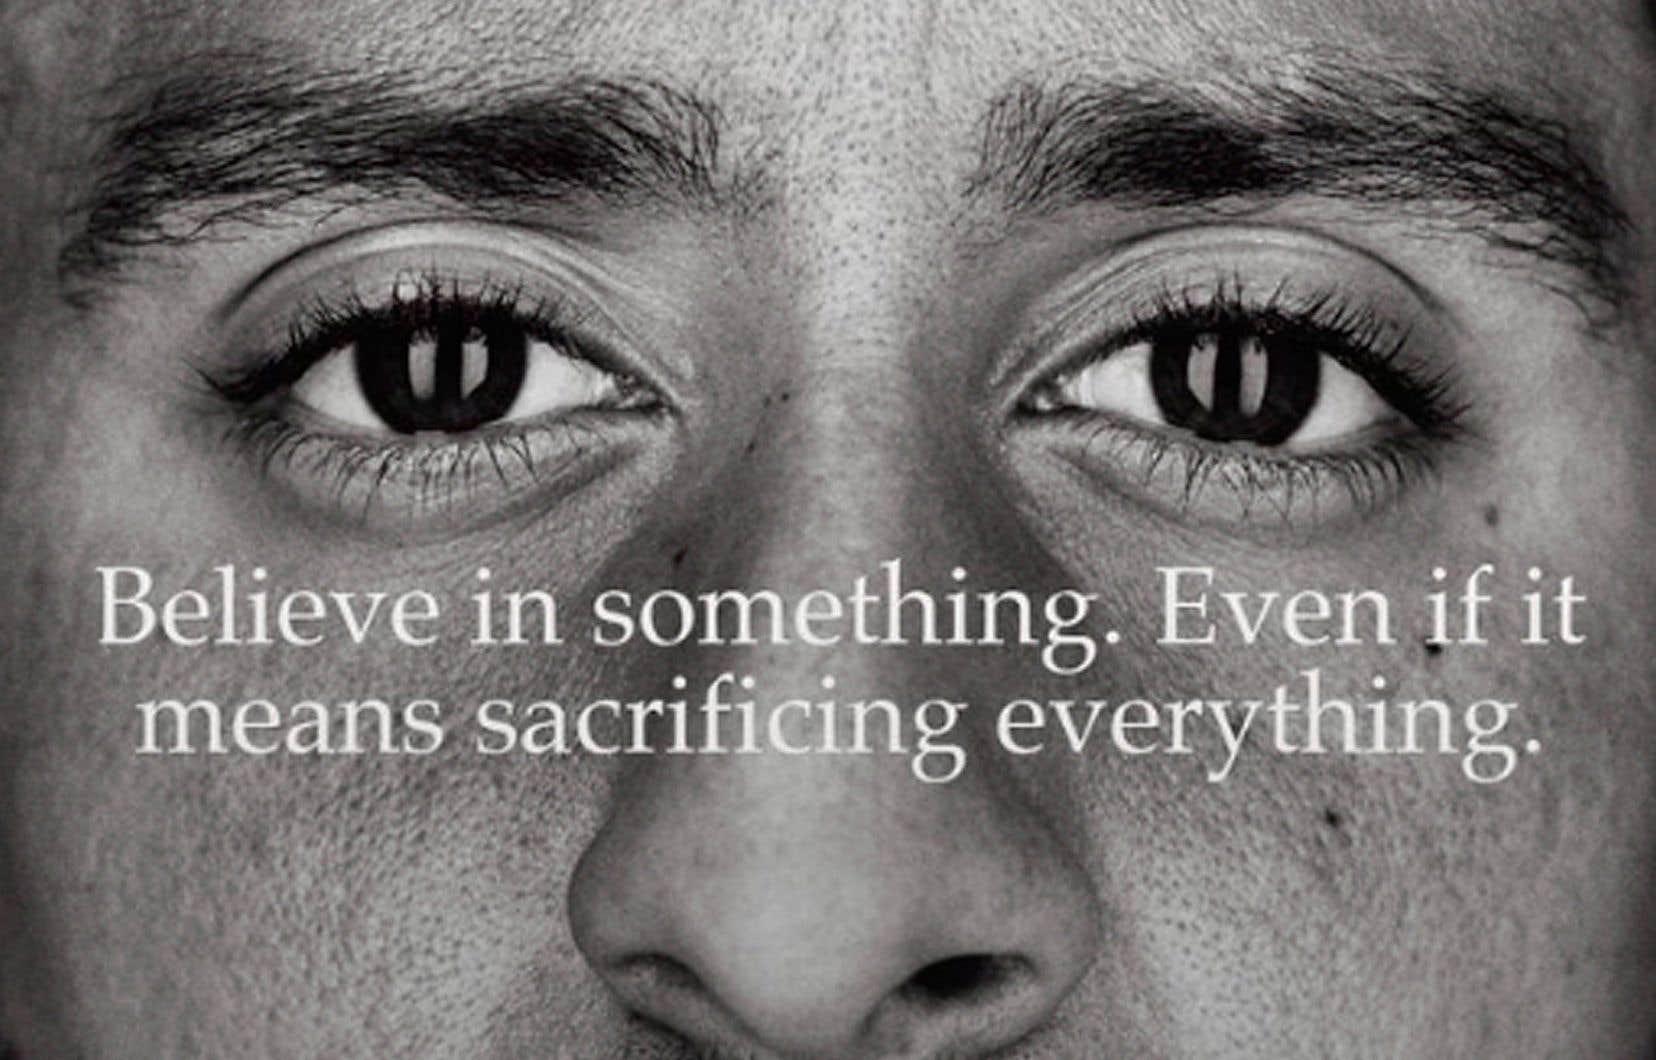 «Crois en quelque chose, même si cela signifie que tu dois tout sacrifier» sont les mots choisis par Nike pour accompagner la photo de Colin Kaepernick.